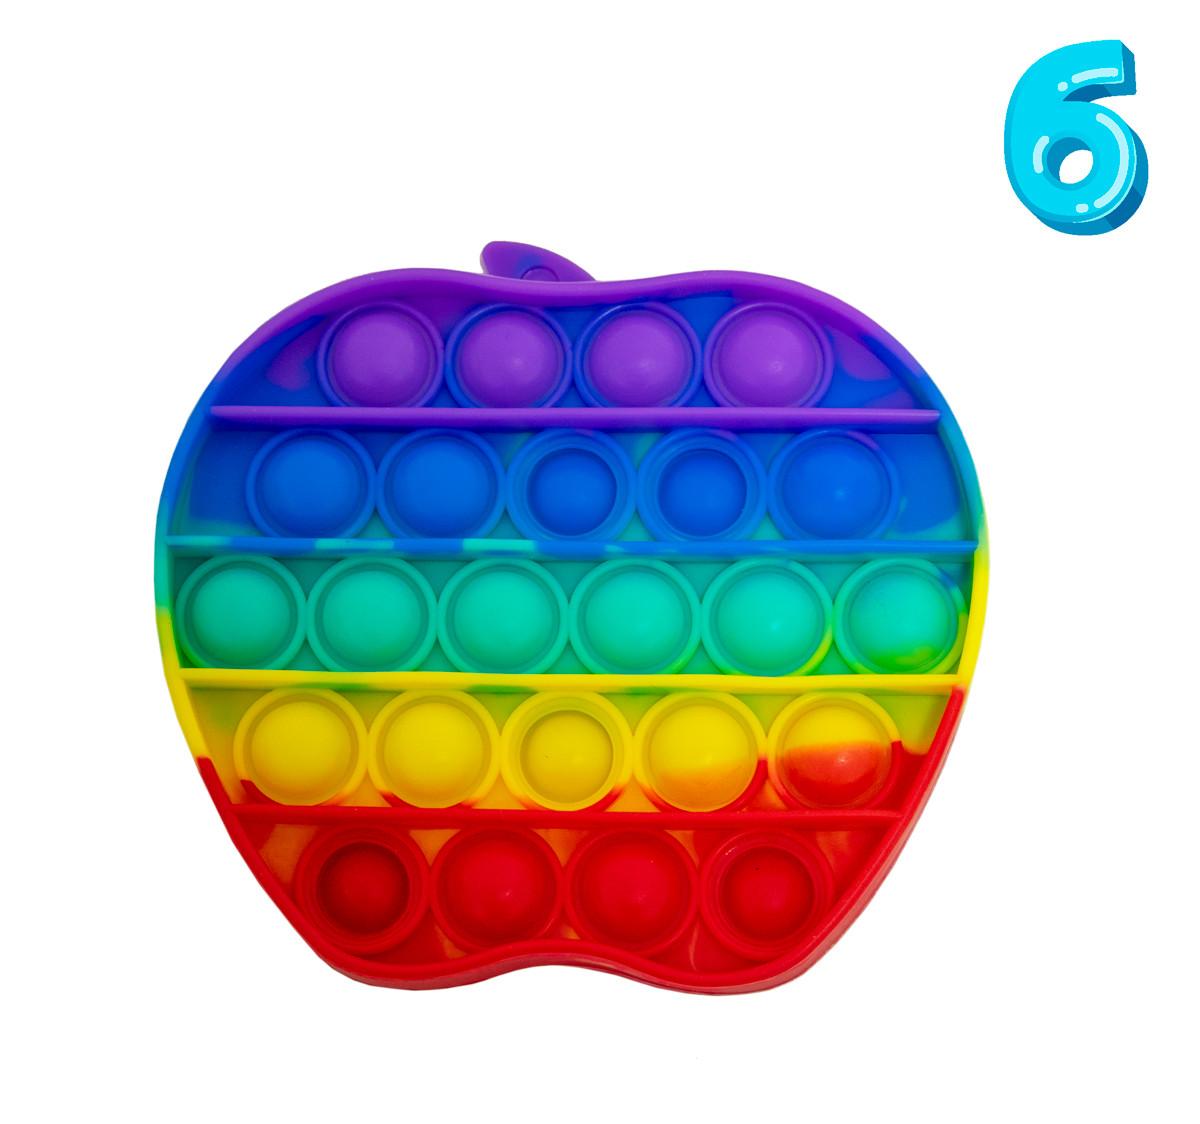 Антистресс игрушка Pop It Разноцветная в форме Яблока 11.5х11 см №6, тыкалка антистресс для рук (ST)